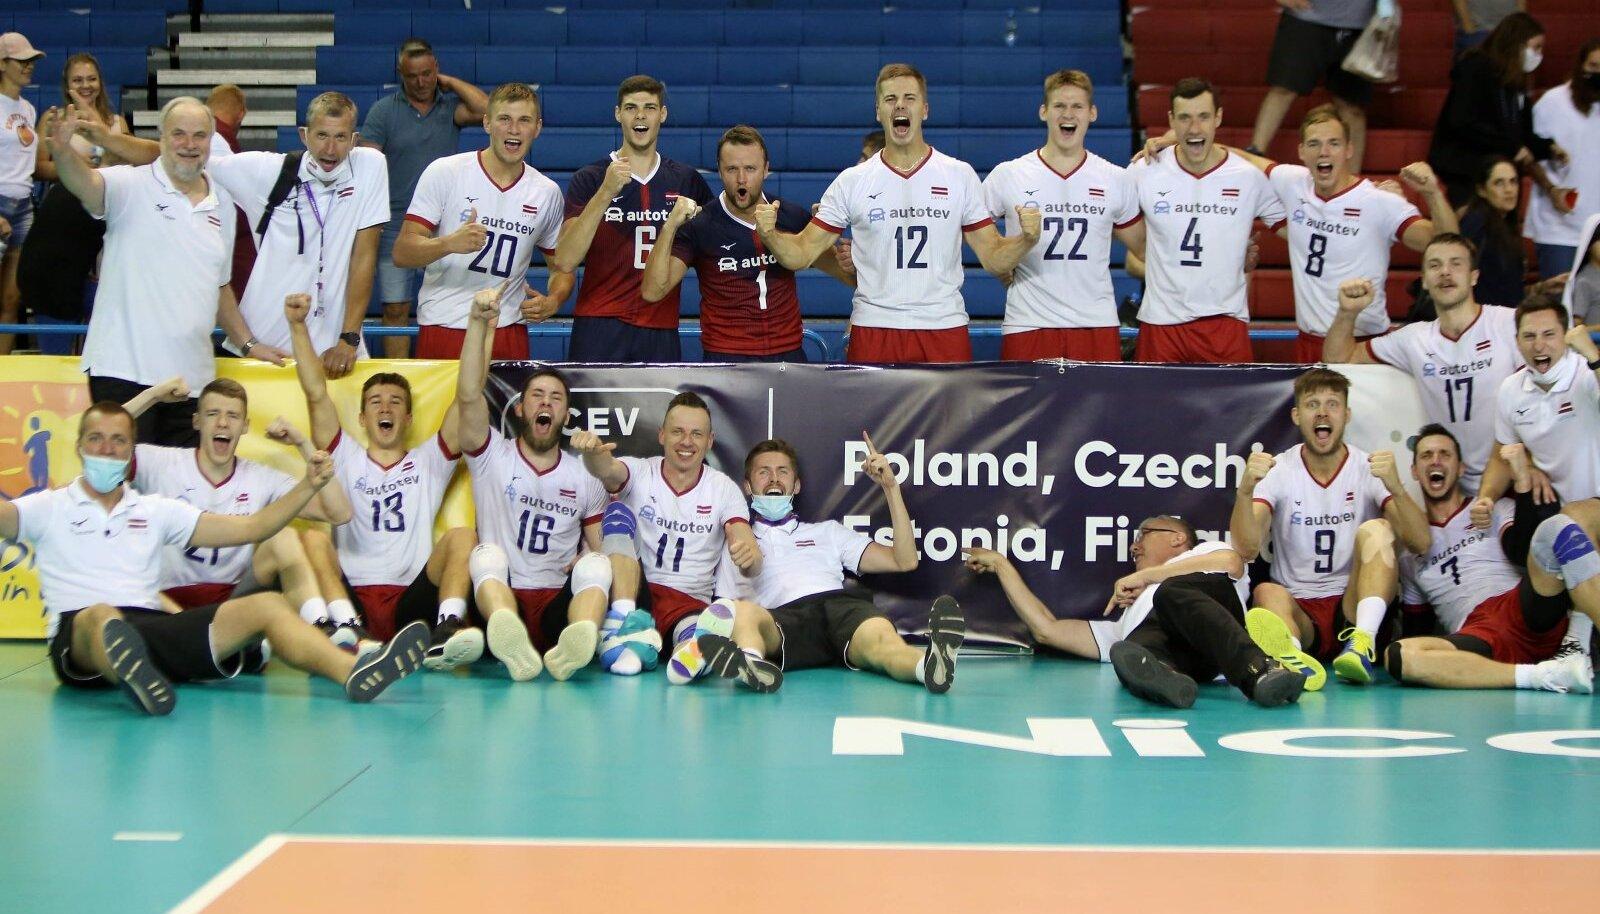 Läti võrkpallikoondis tähistab kordaminekut. Põrandal lebav Avo Keel näitab: Eesti, siit me tuleme!